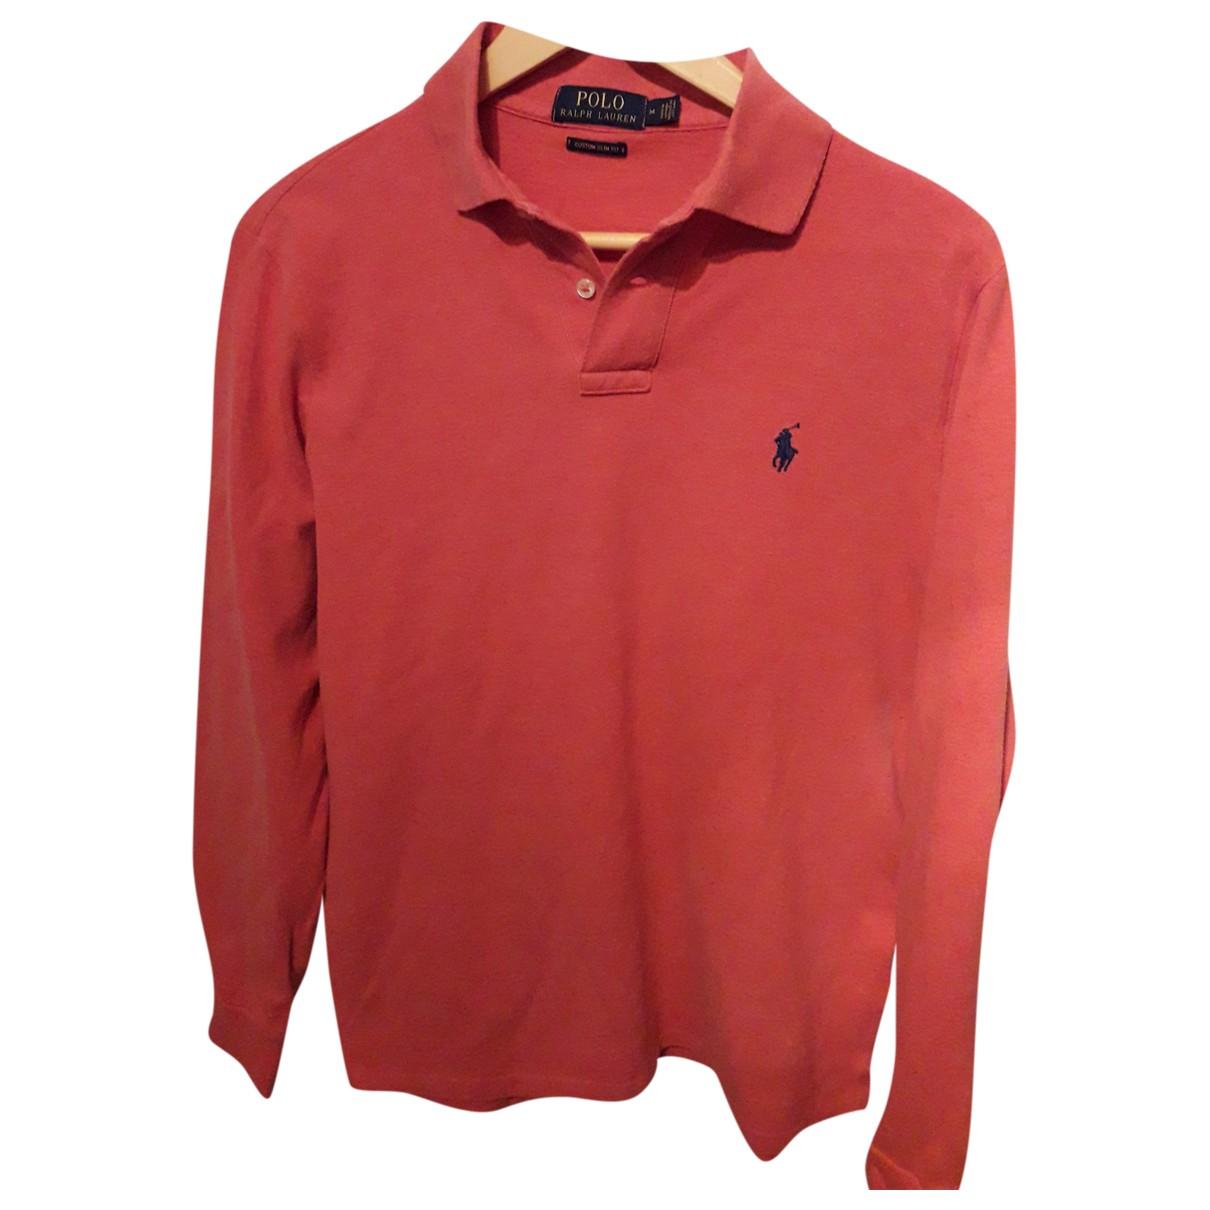 Polo Ralph Lauren - Polos Polo cintre manches longues pour homme en coton - rouge